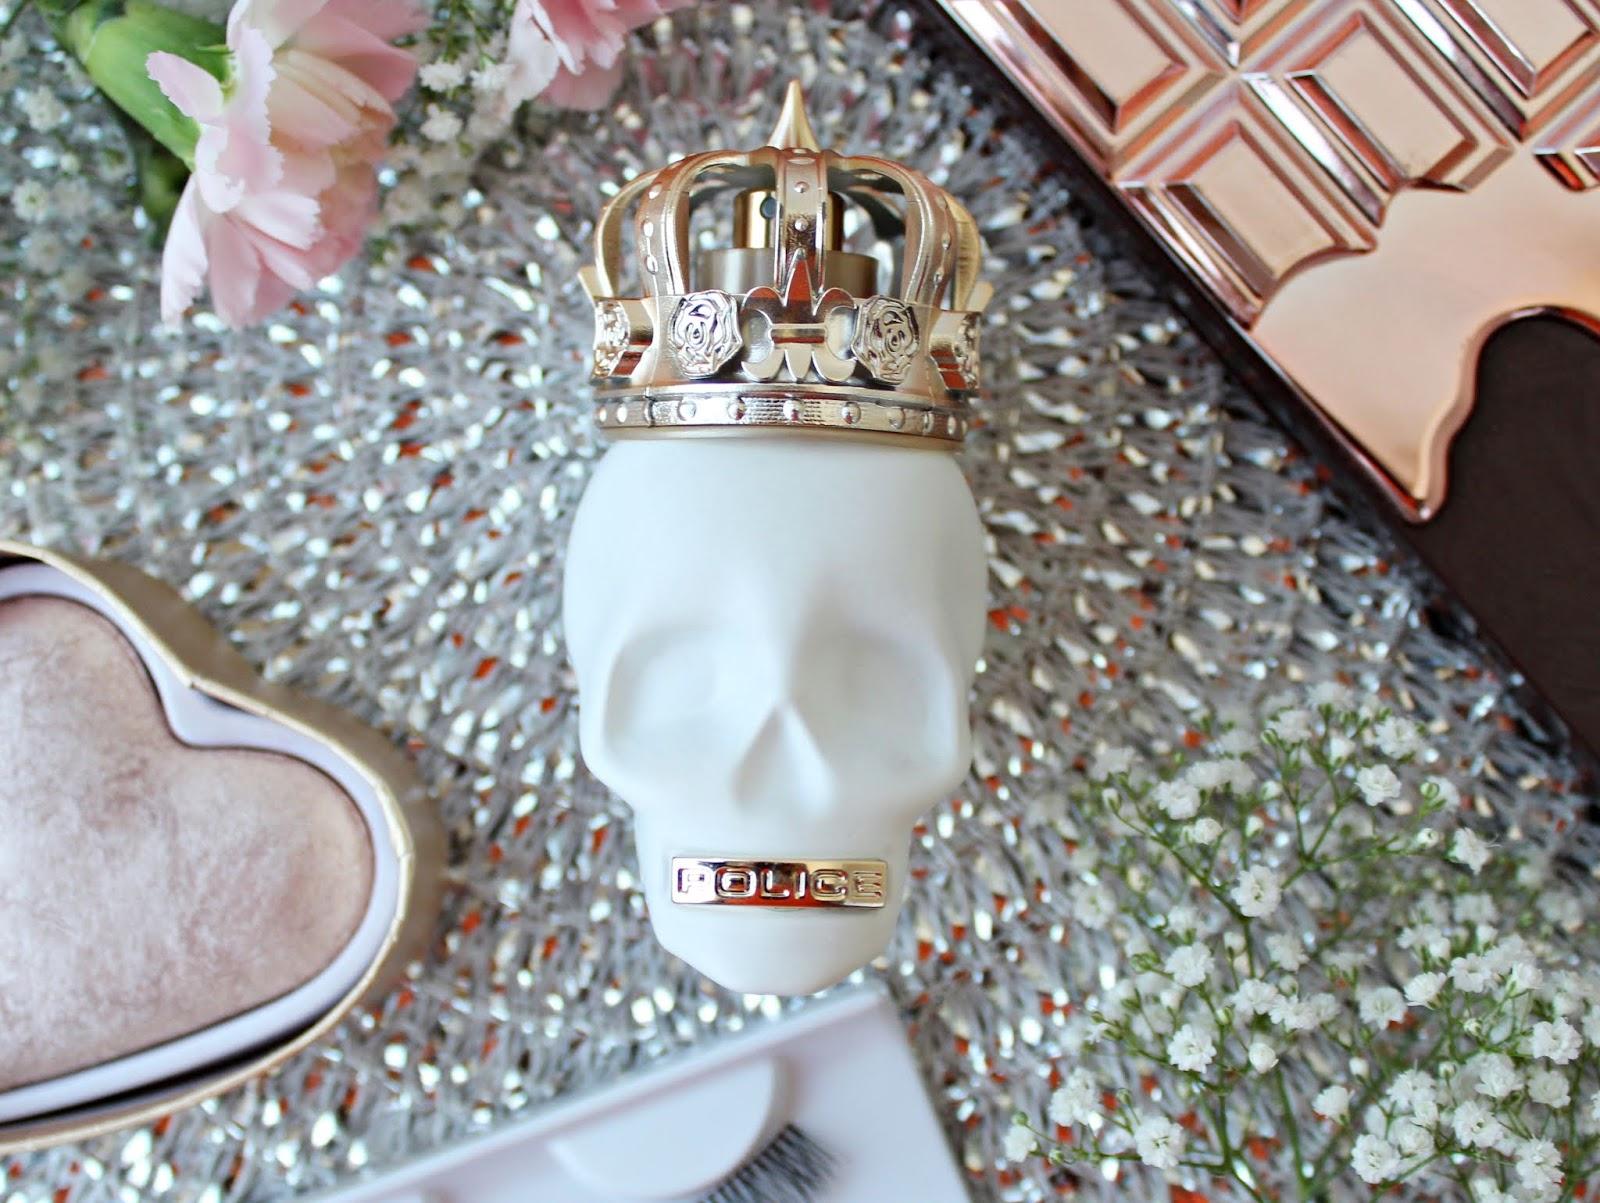 POLICE To Be The Queen - uwodzicielski zapach dla kobiet